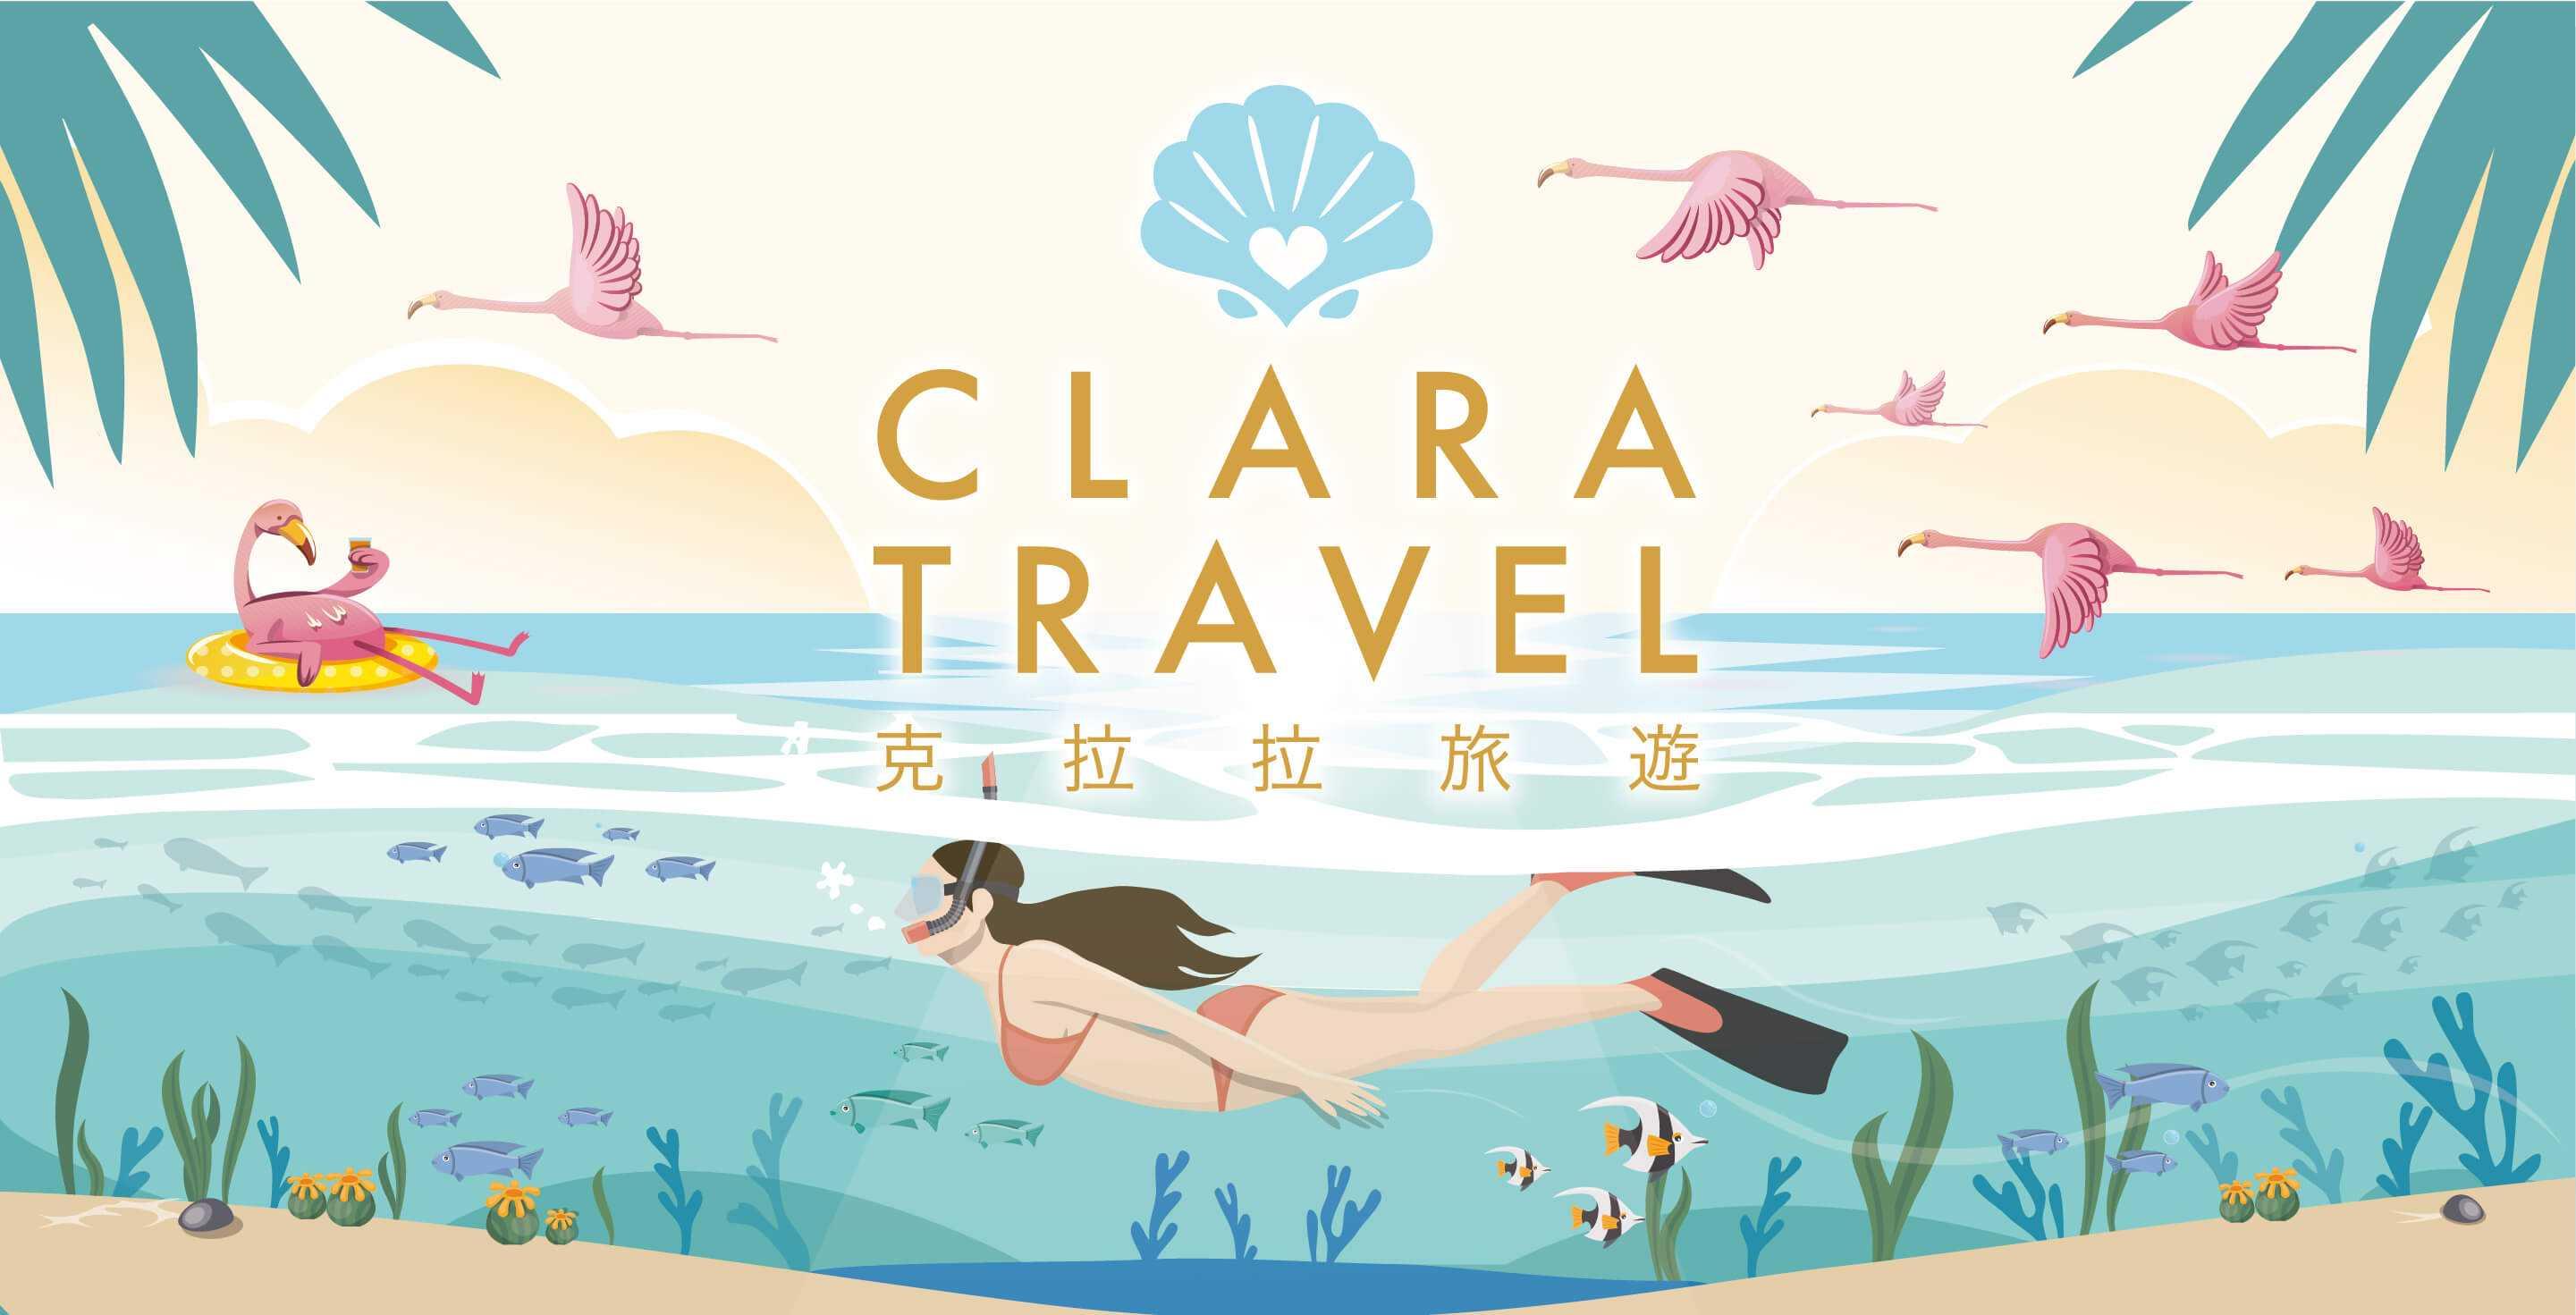 馬爾地夫旅遊 蜜月自由行-克拉拉旅遊